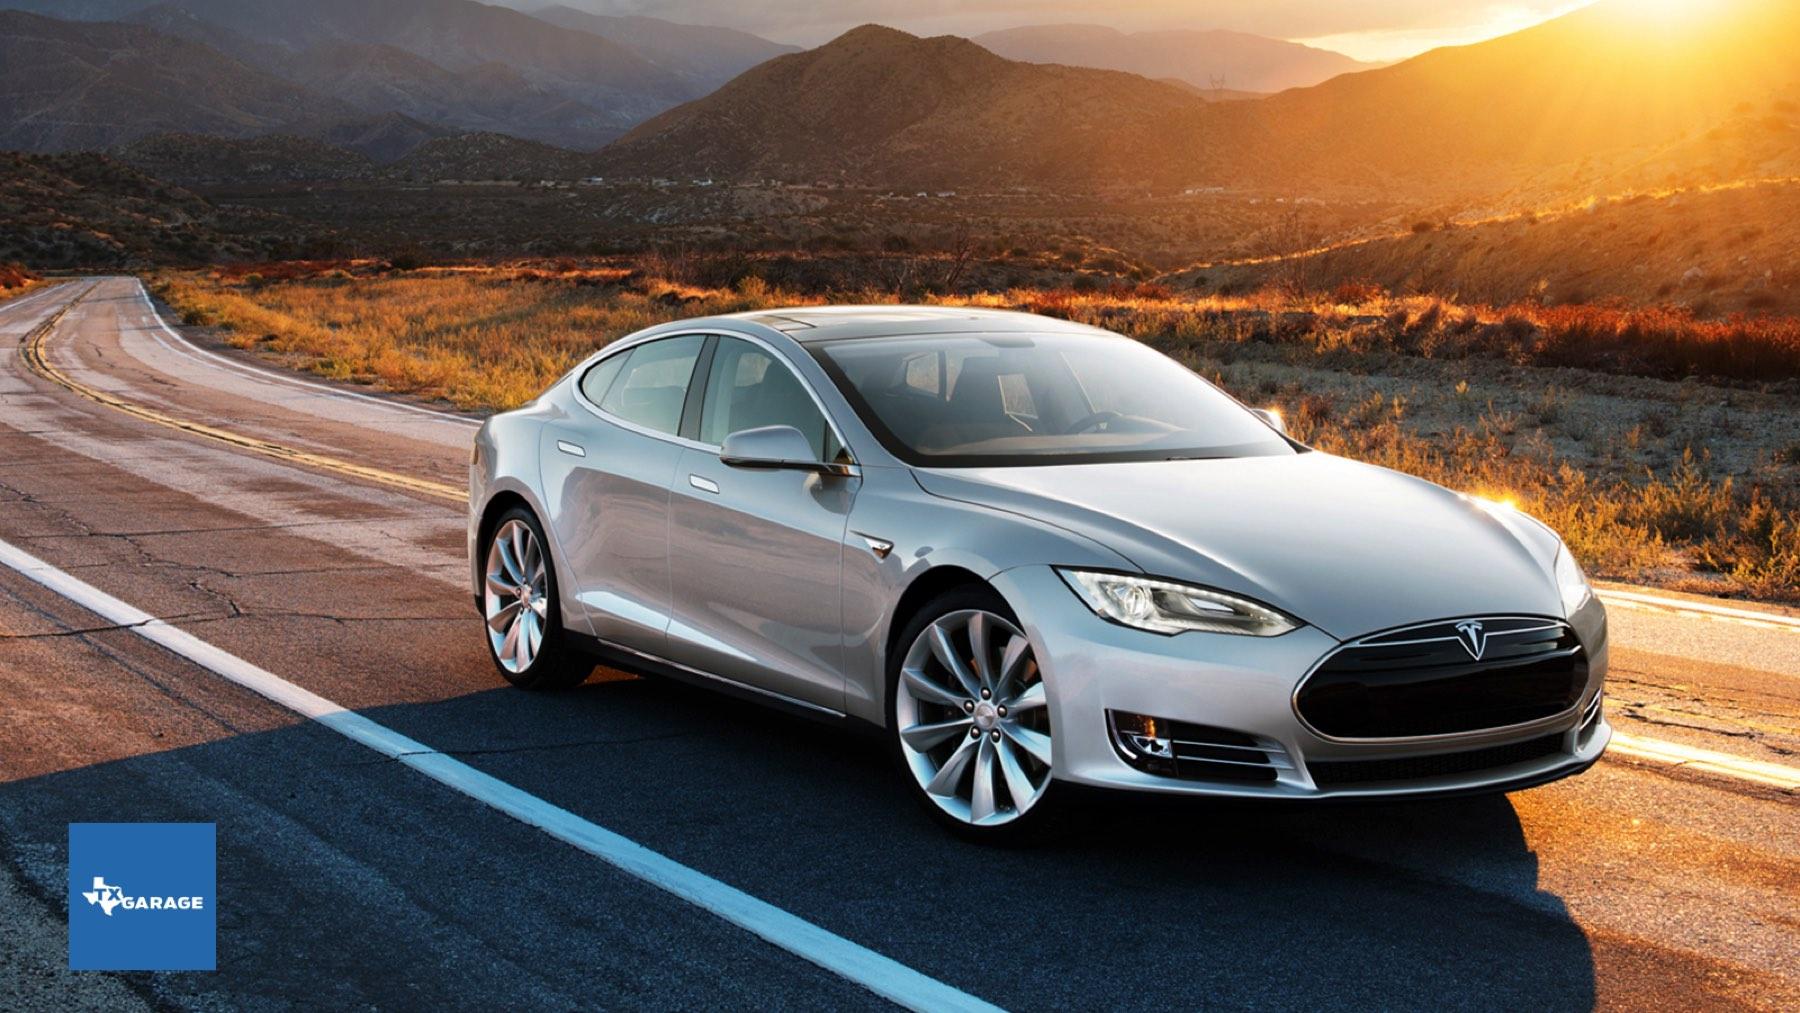 Tesla-02-txGarage